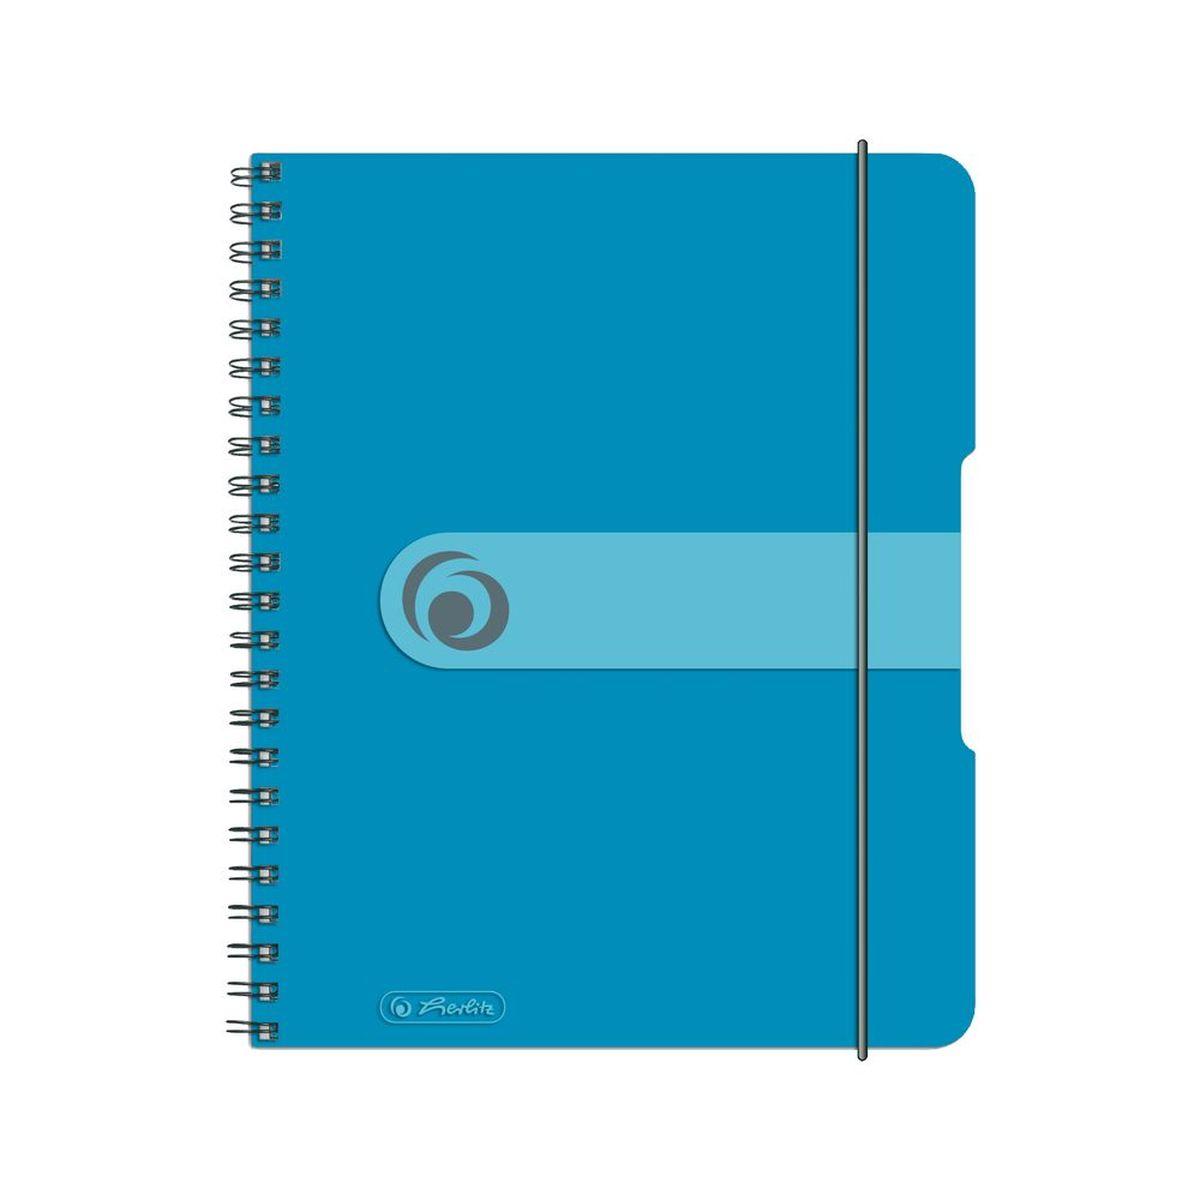 Herlitz Блокнот Easy Orga To Go 80 листов в клетку формат А5 цвет голубой блокнот серия natural формат а5 140 стр темно бордовый в клетку